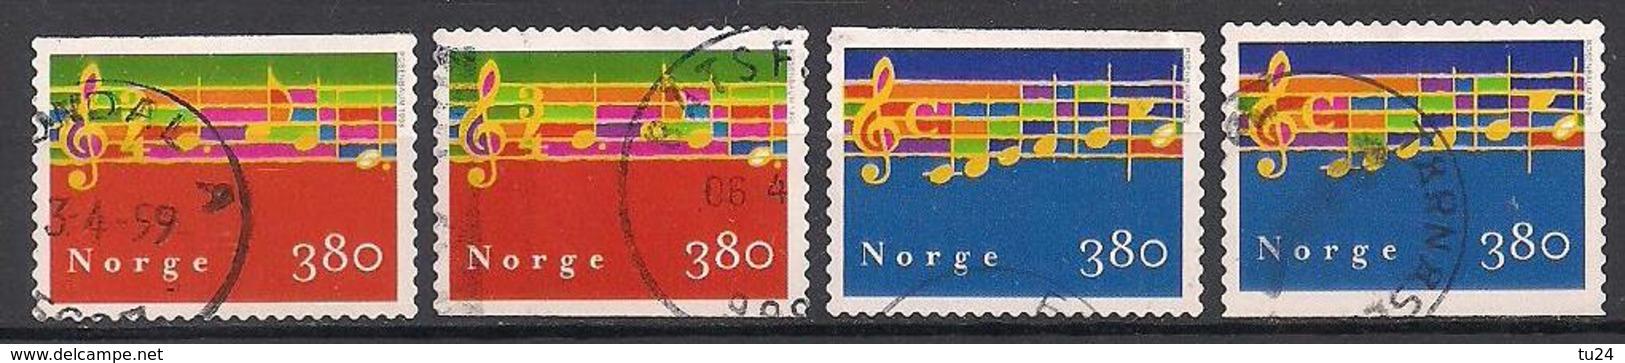 Norwegen  (1998)  Mi.Nr. 1297 + 1298  Gest. / Used  (1ah13) - Gebraucht